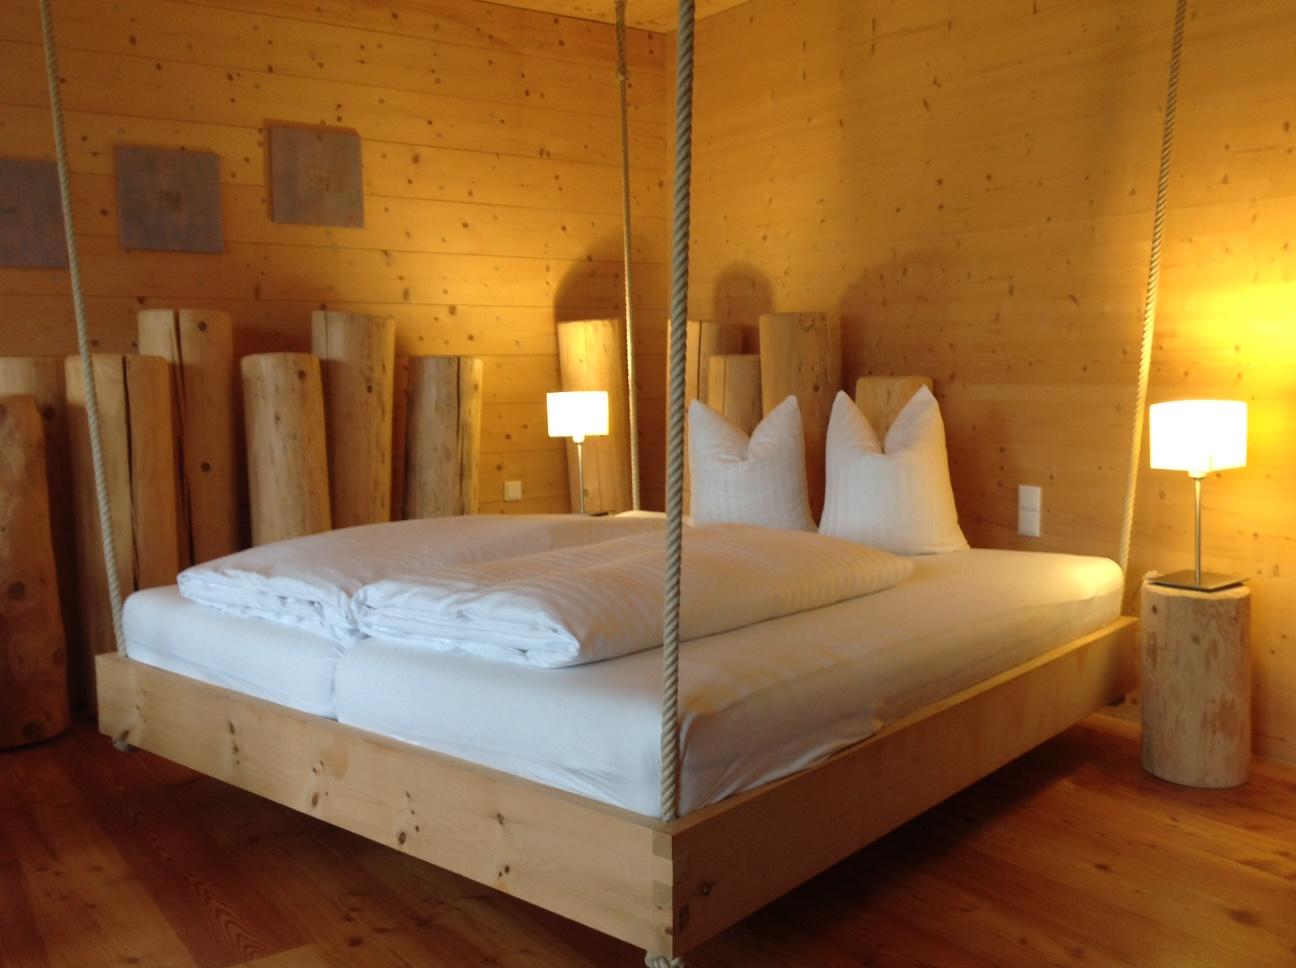 Baumhaus-Suite im Mondholzhotel Forsthofalm, Tirol, Östereich, Foto IK